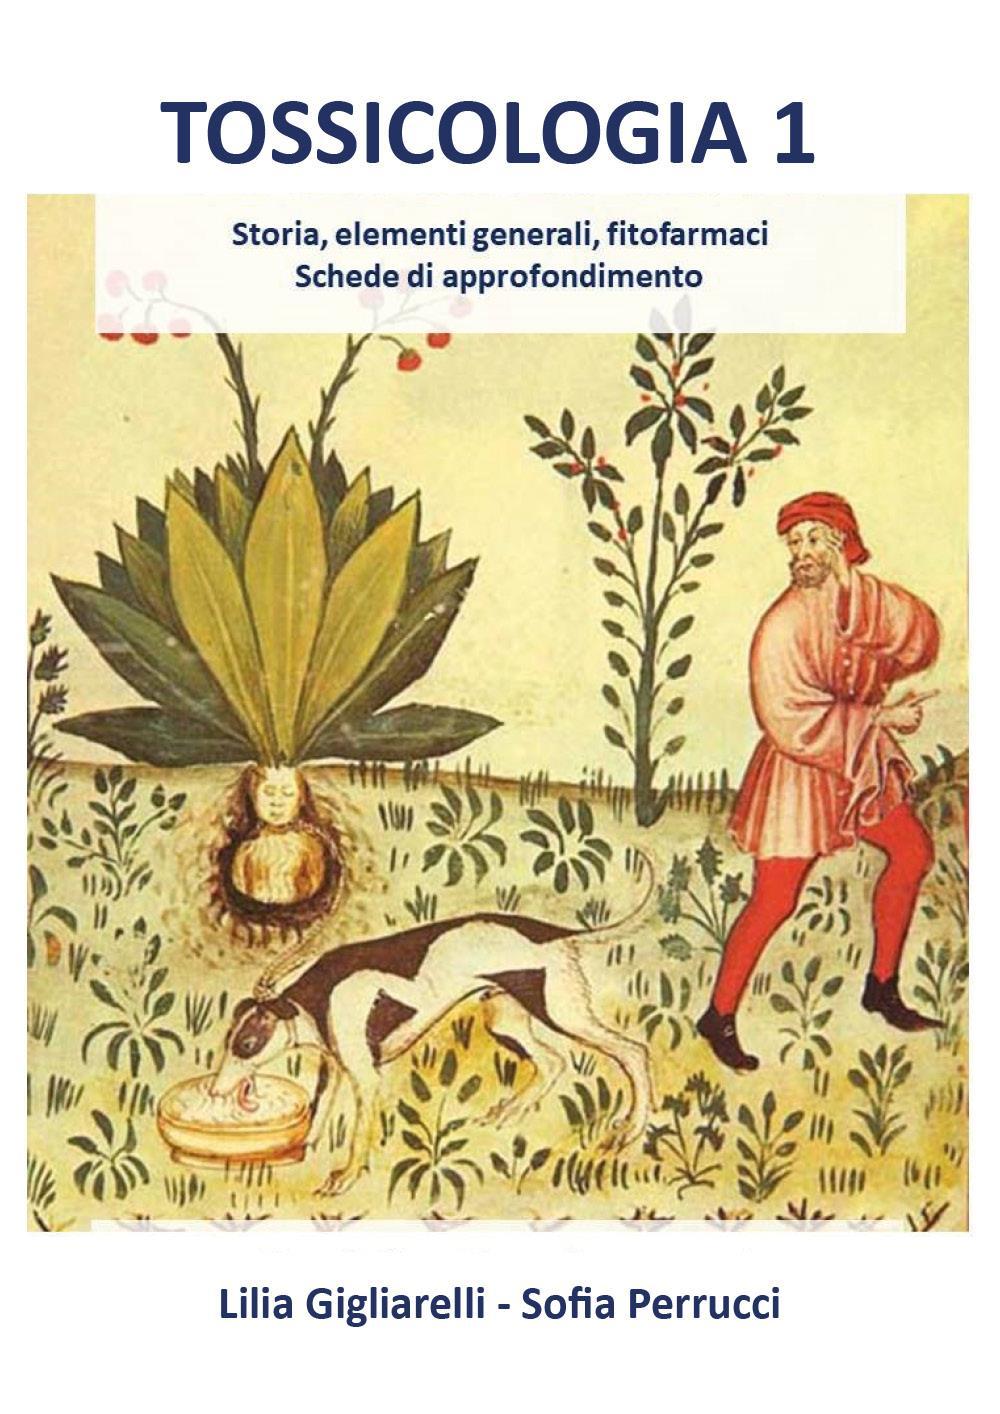 TOSSICOLOGIA 1. Storia, elementi generali, fitofarmaci, schede di approfondimento